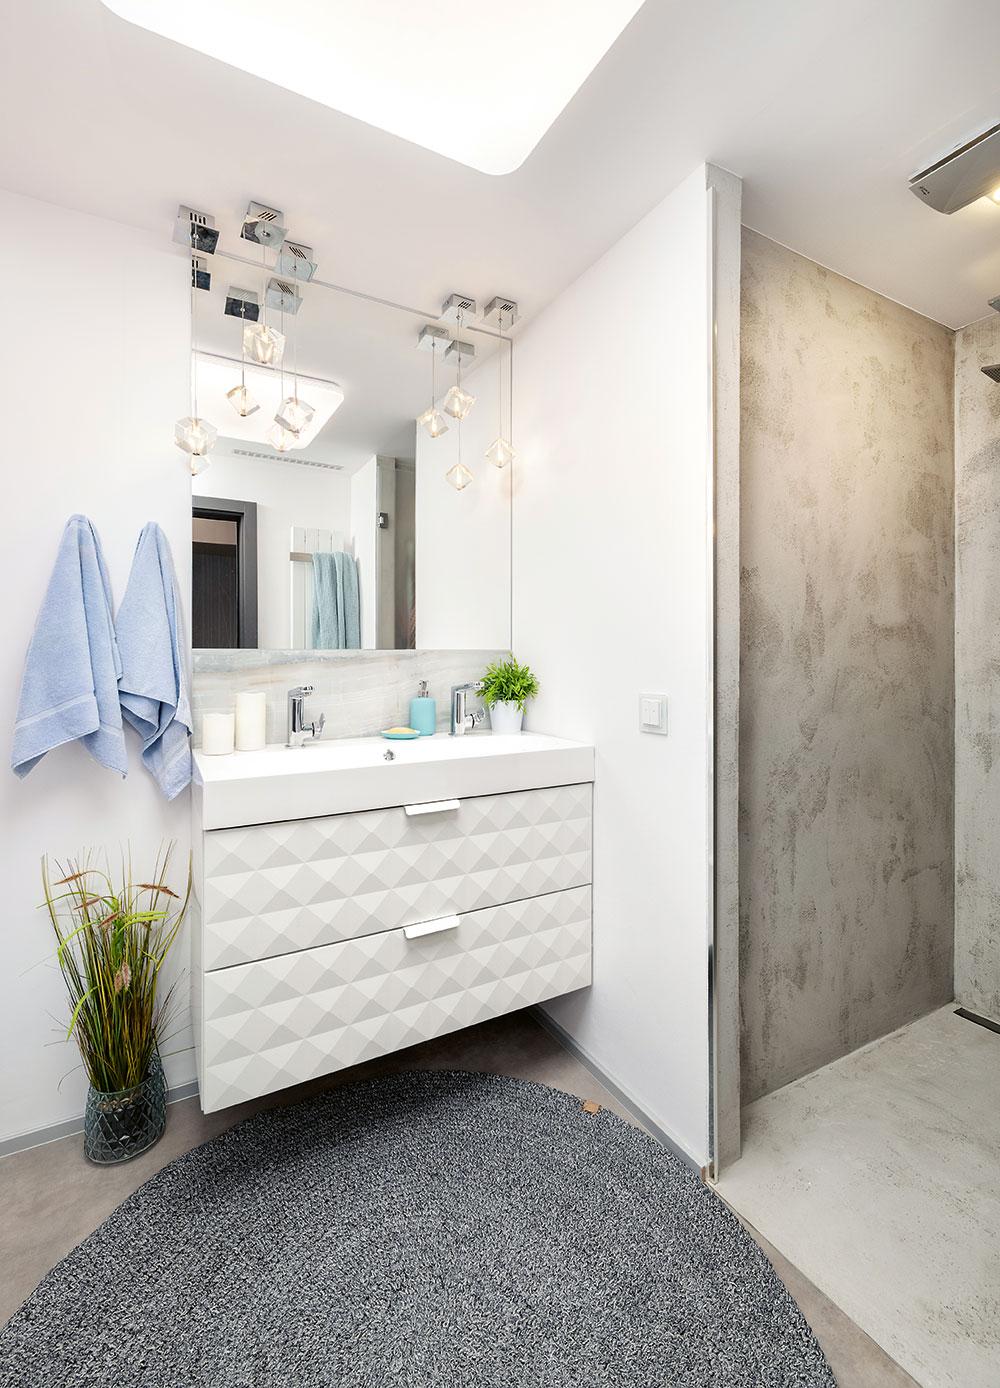 Do novej kúpeľne sa dizajnérke podarilo elegantne dostať všetko, čo si majitelia želali – umývadlo, ku ktorému sa vojdú obaja, veľké zrkadlo aj pohodlný sprchovací kút, ktorý zaujal miesto po niekdajšej komore. Nezvyčajná povrchová úprava vňom je vytvorená pomocou betónovo-epoxidovej vodoodolnej stierky.